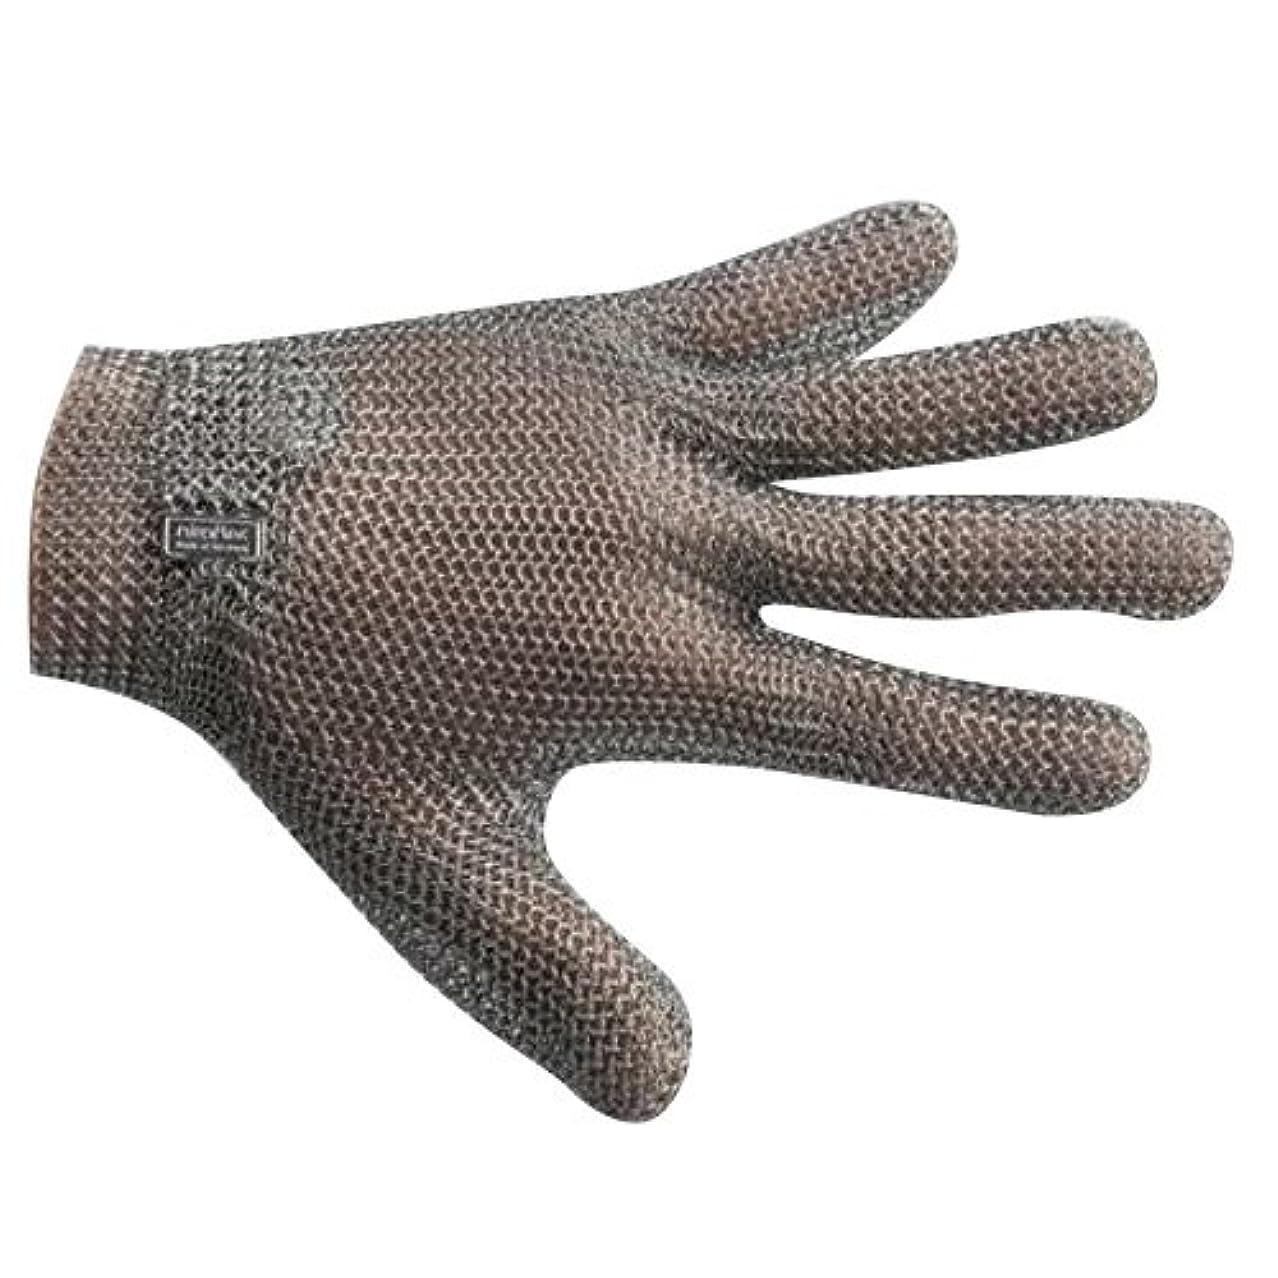 宇都宮製作 GU-2500 ステンレスメッシュ手袋 5本指(左右兼用) SS